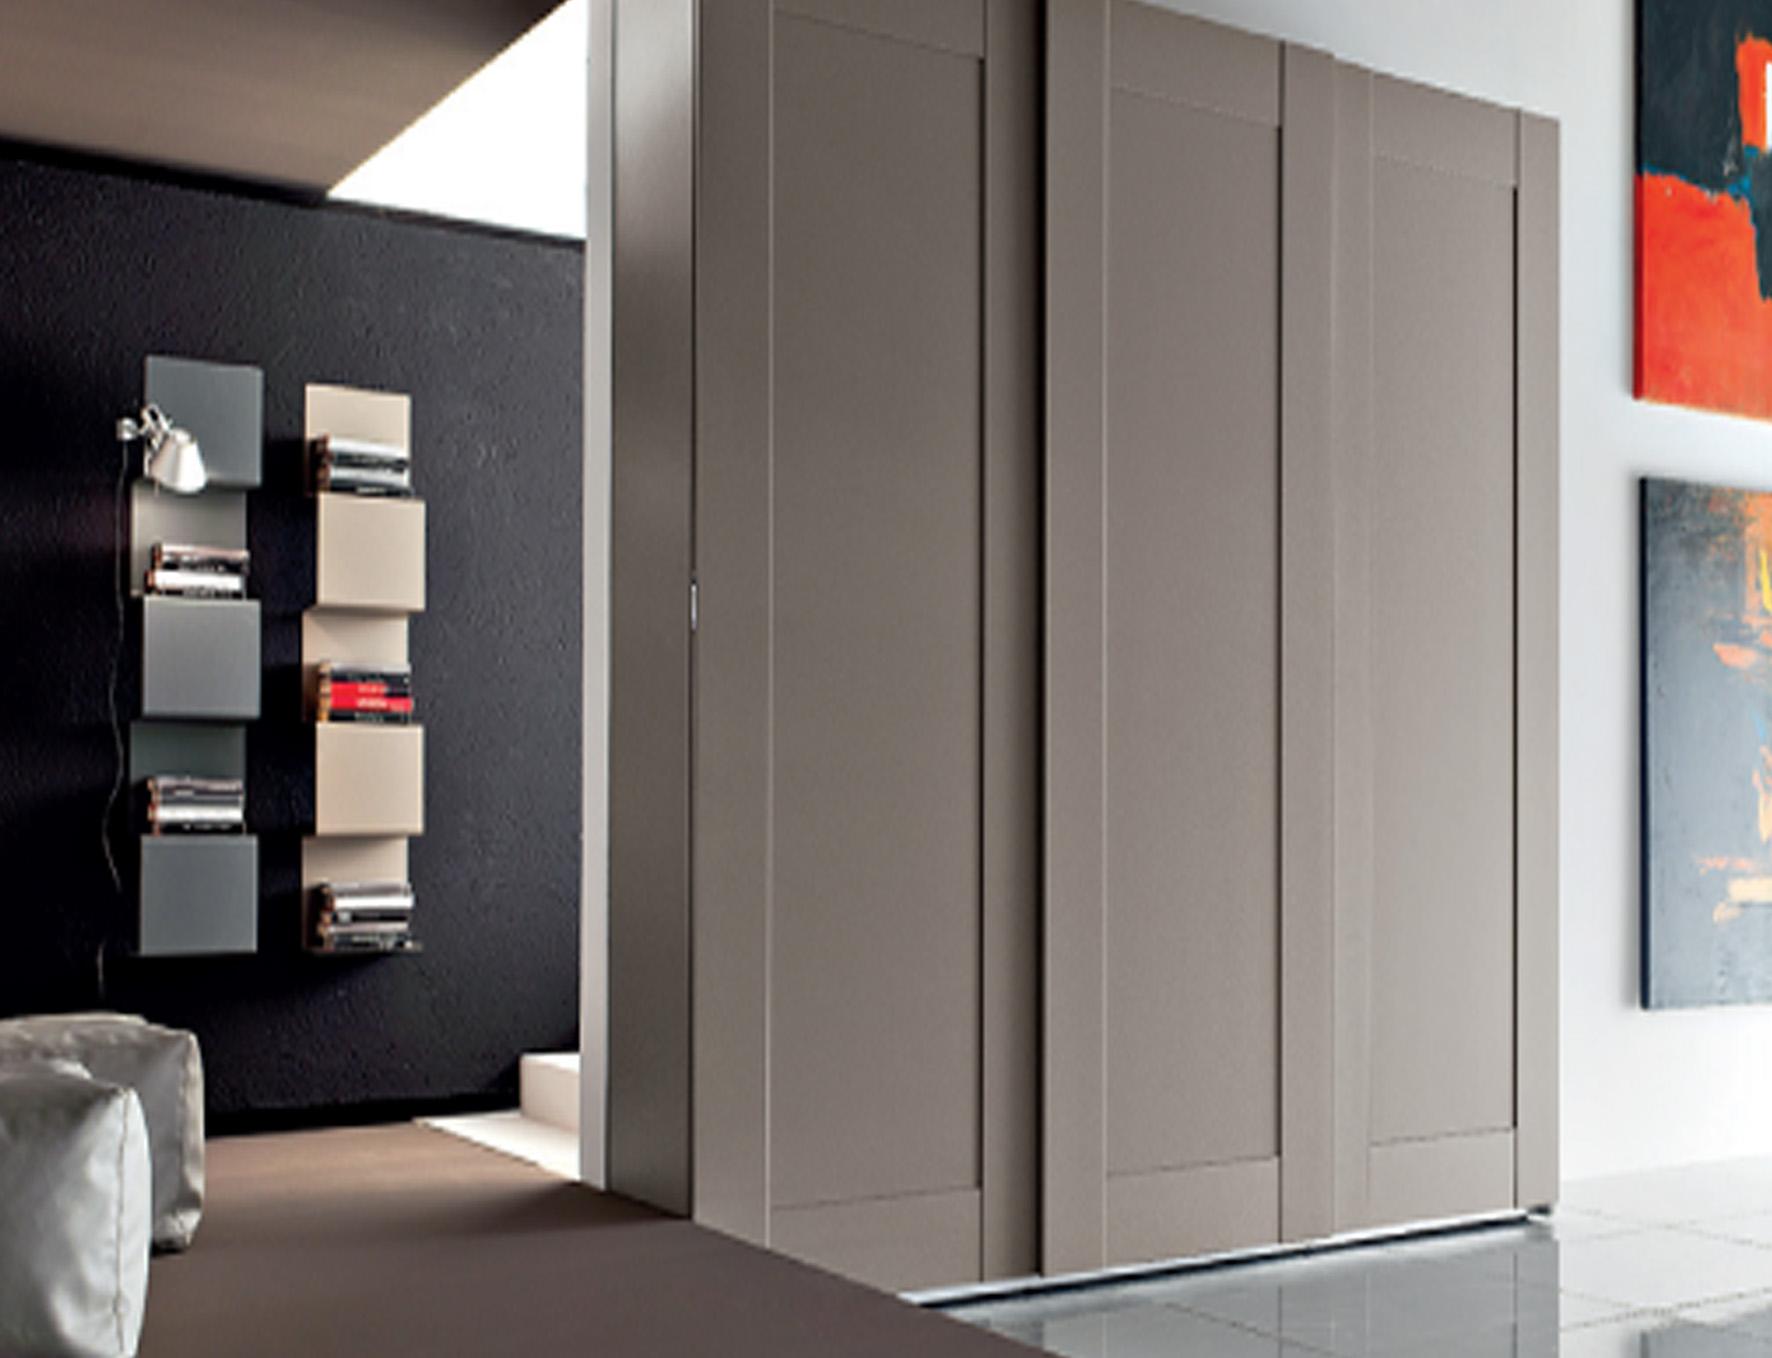 Шкафы и шкафы-купе фабрика santalucia каталог мебели.